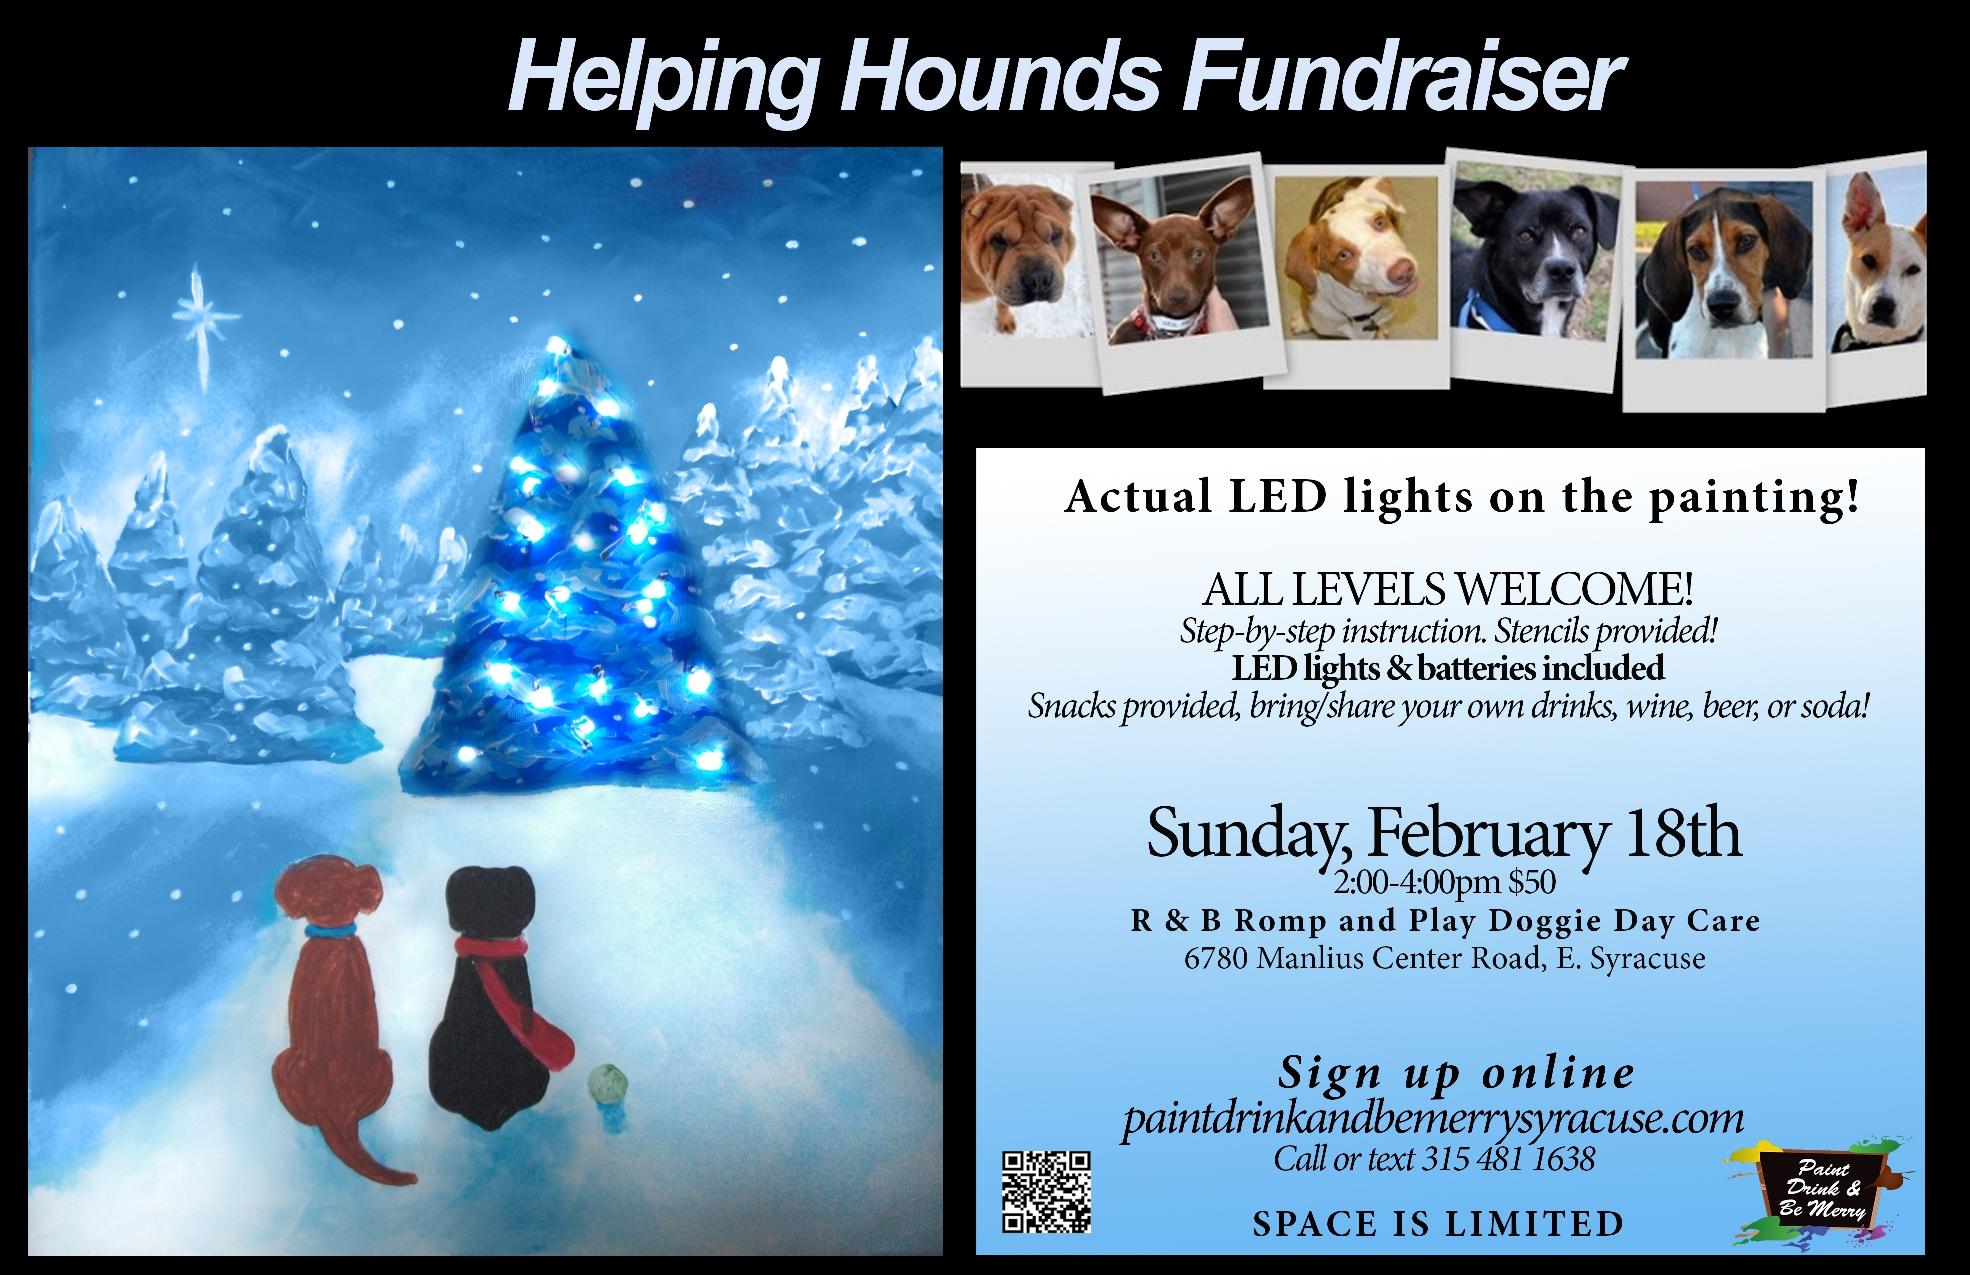 Helping Hounds fundraiser.jpg